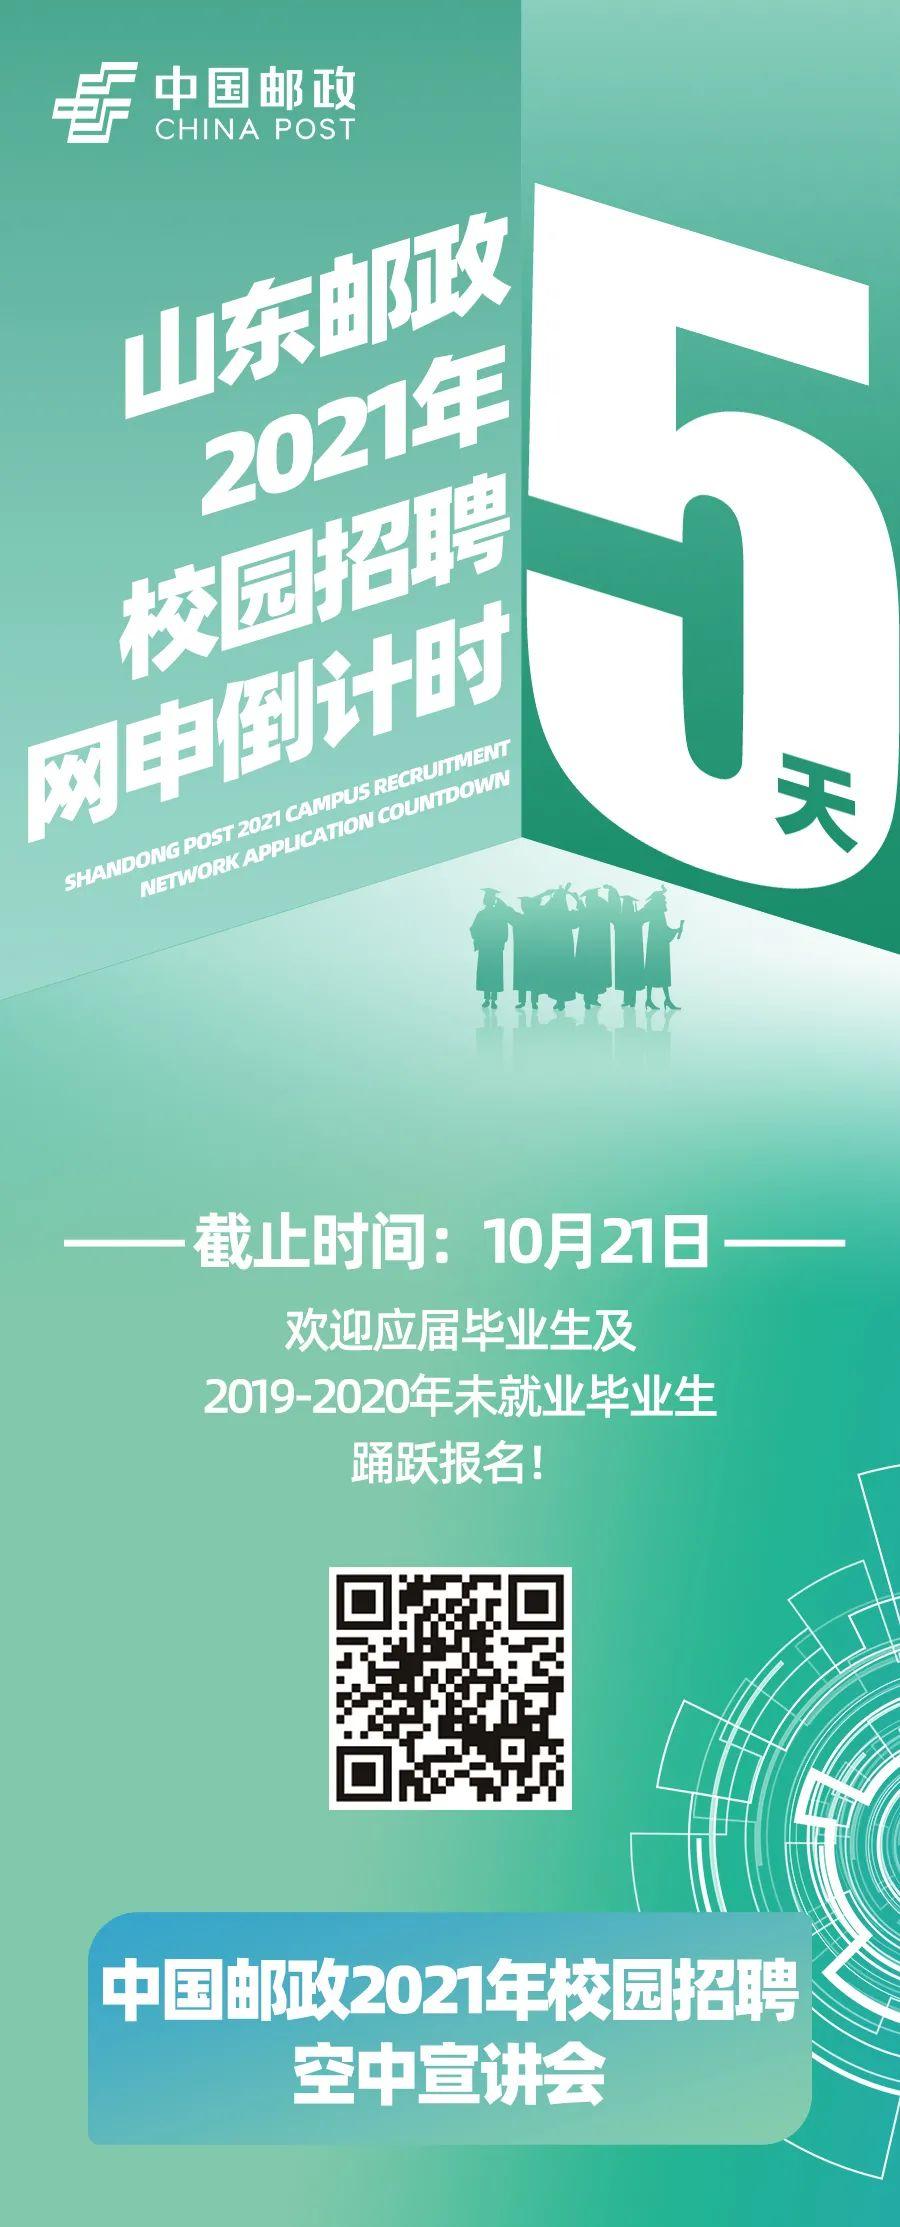 山东邮政2021年校园招聘网申持续进行中!